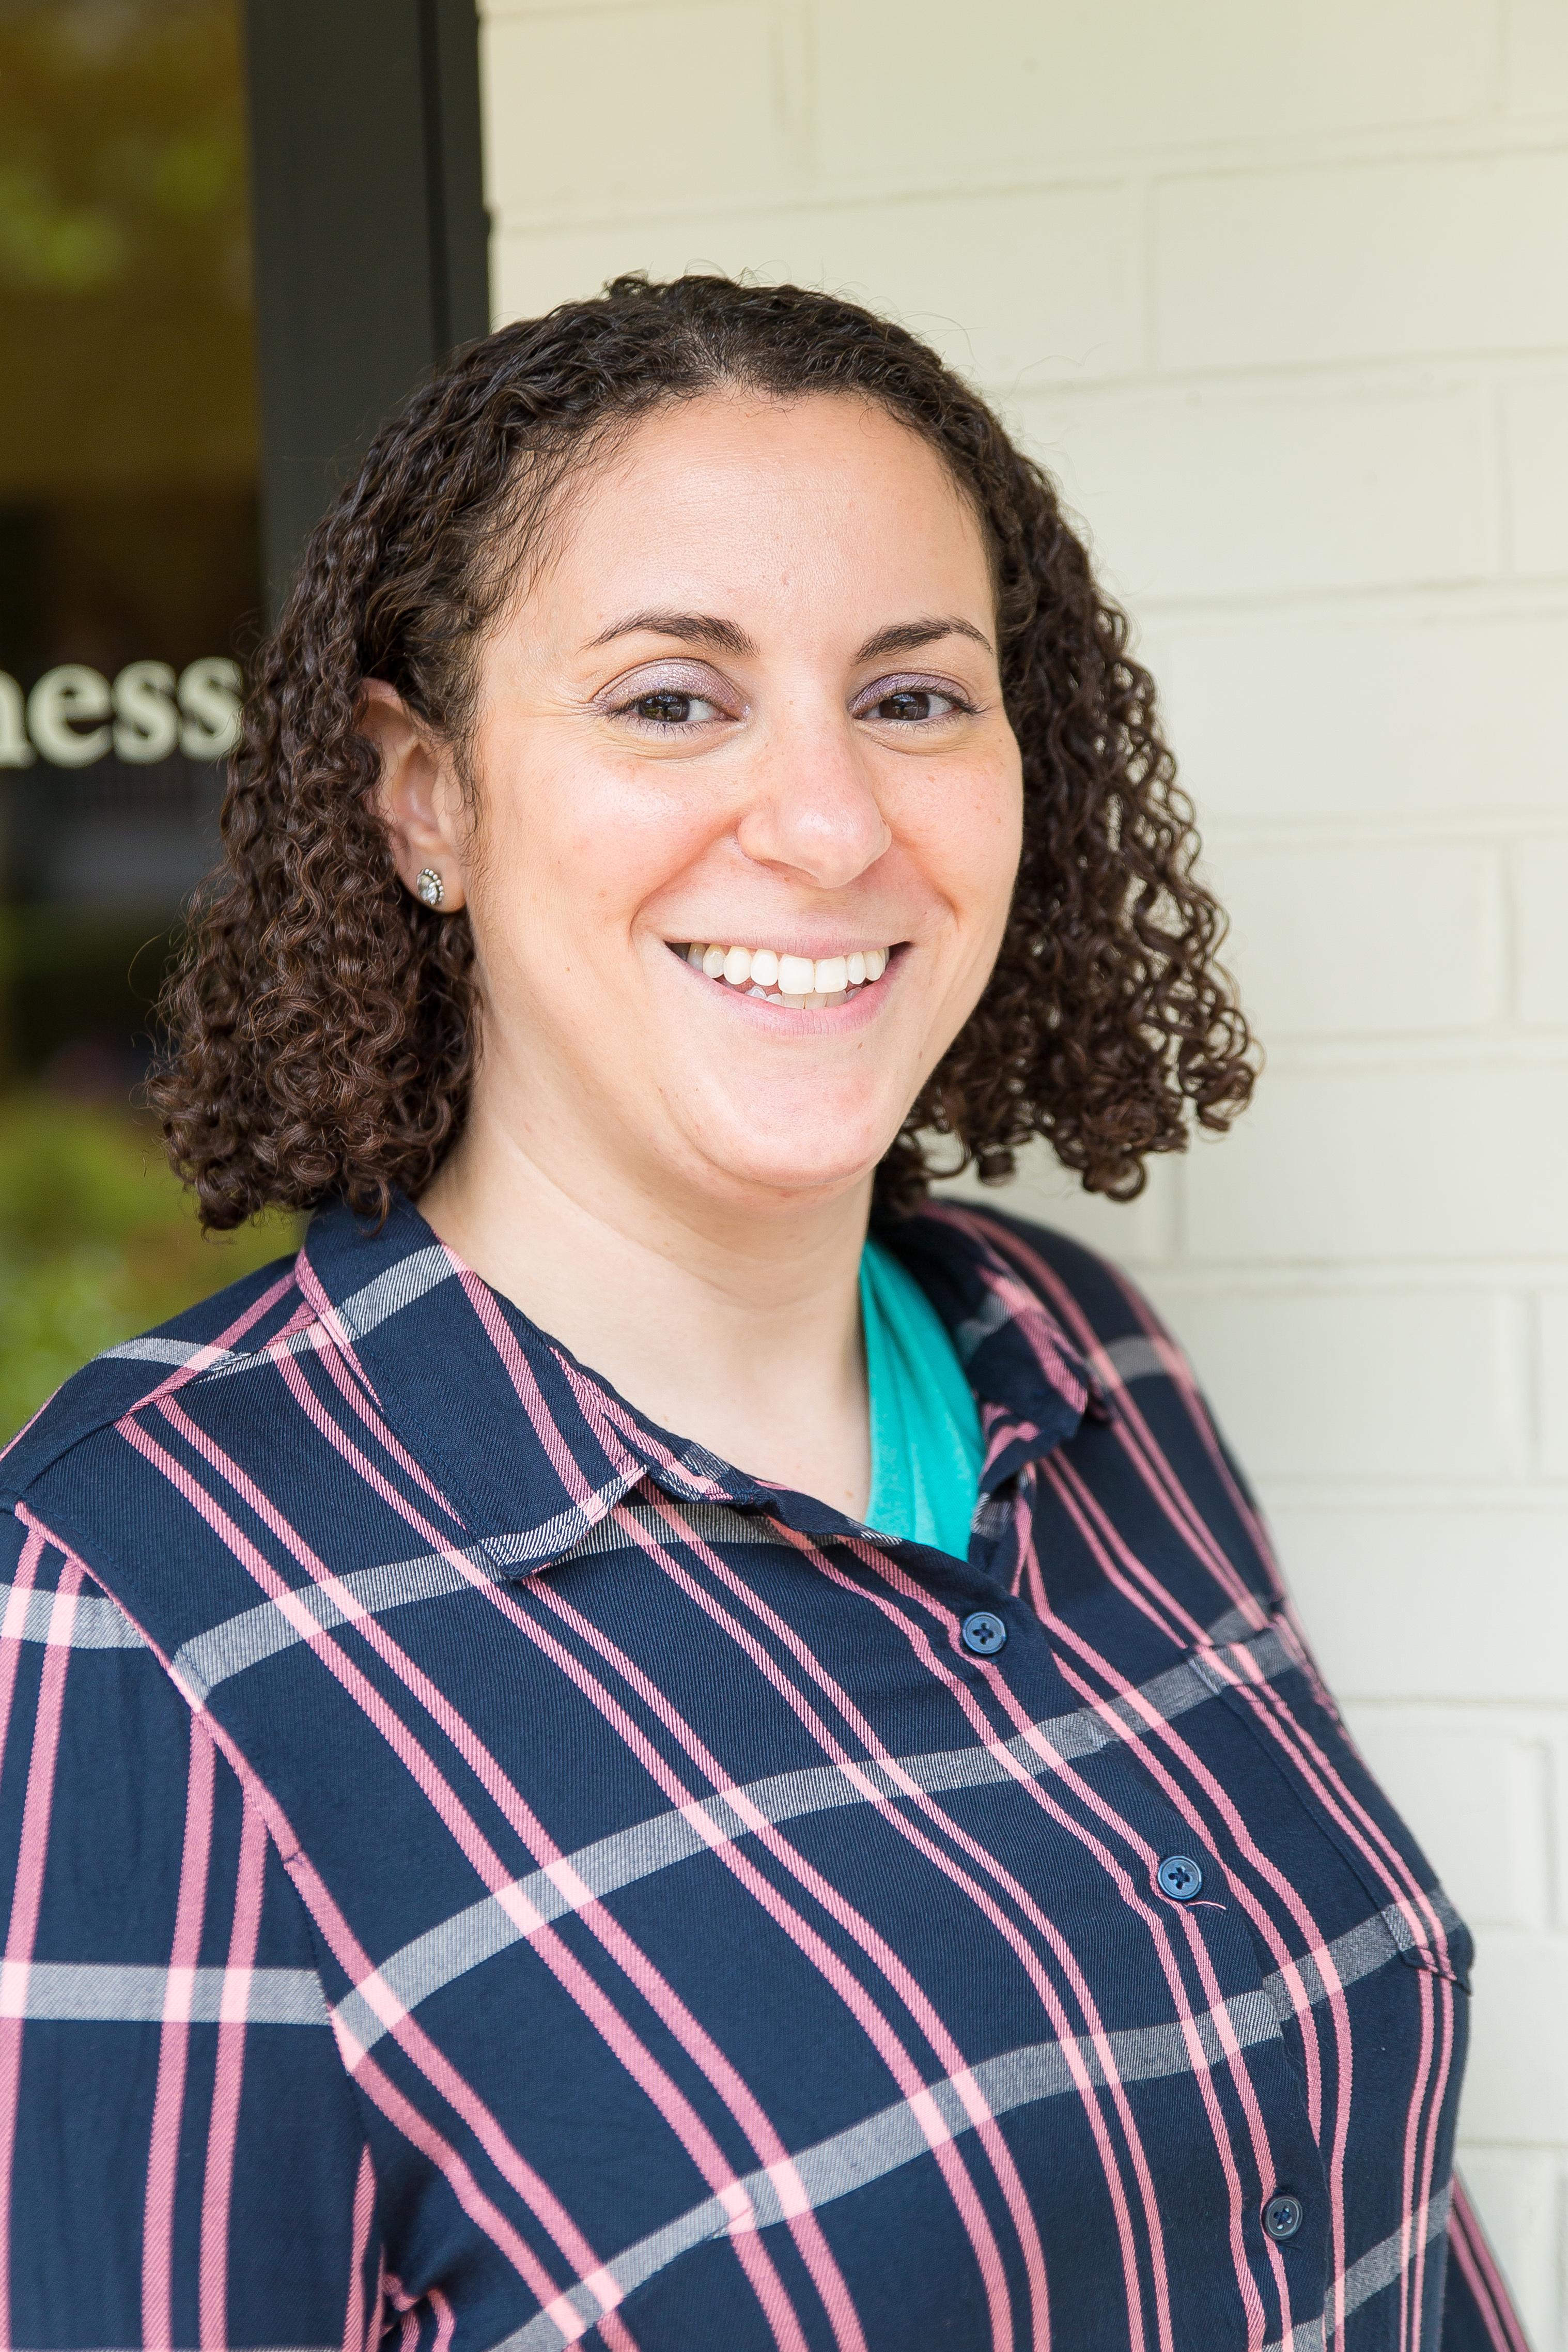 DR. SARA LEACH